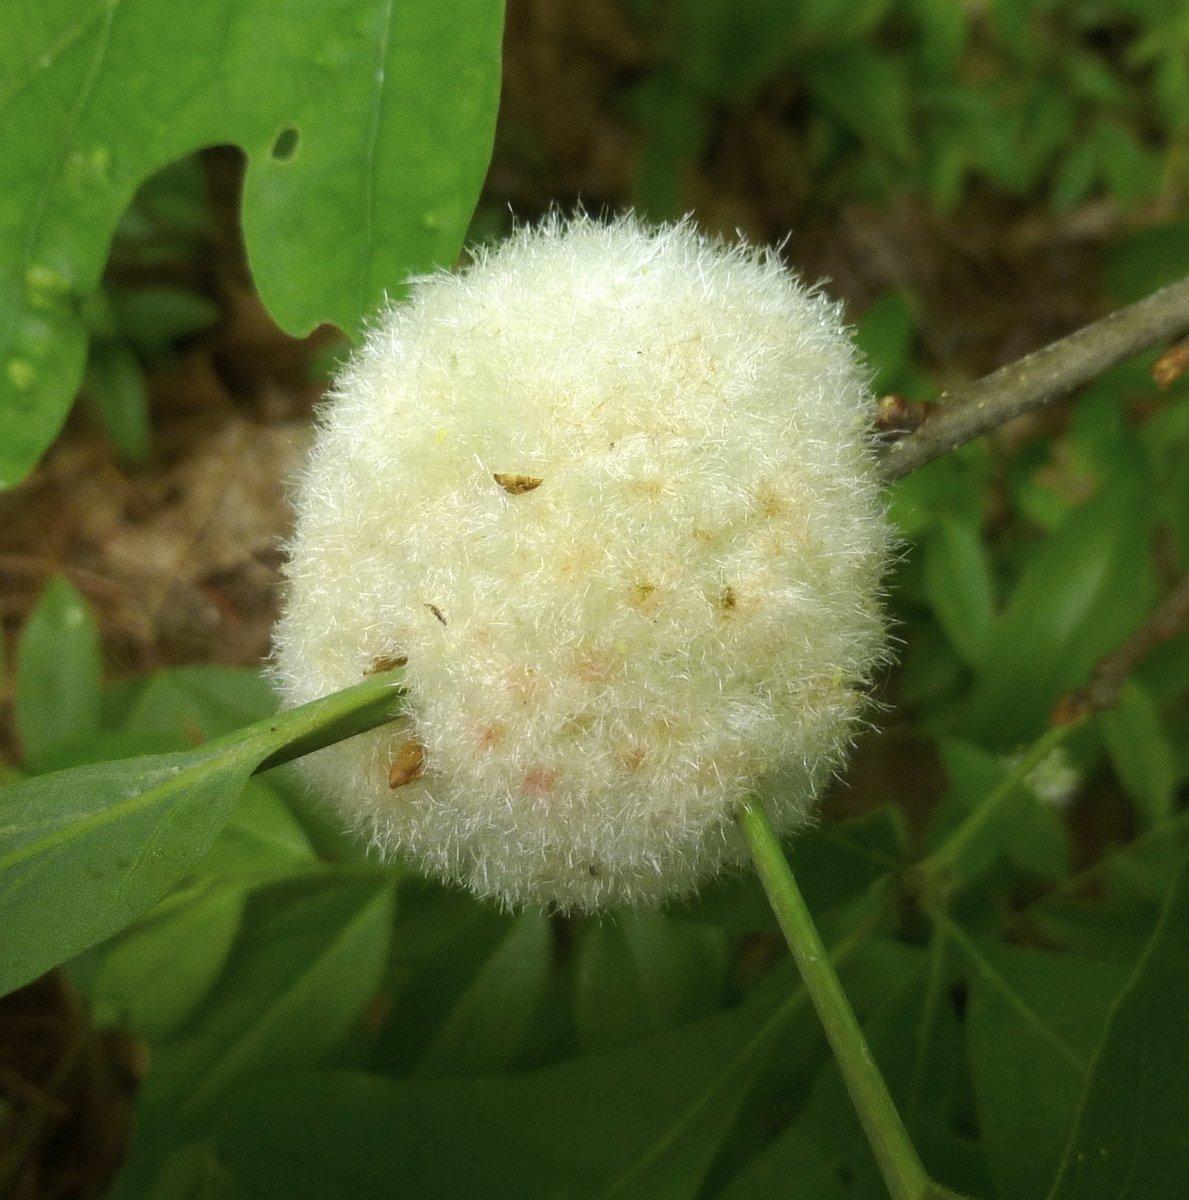 13. Wool Sower Gall Wap Gall on White Oak